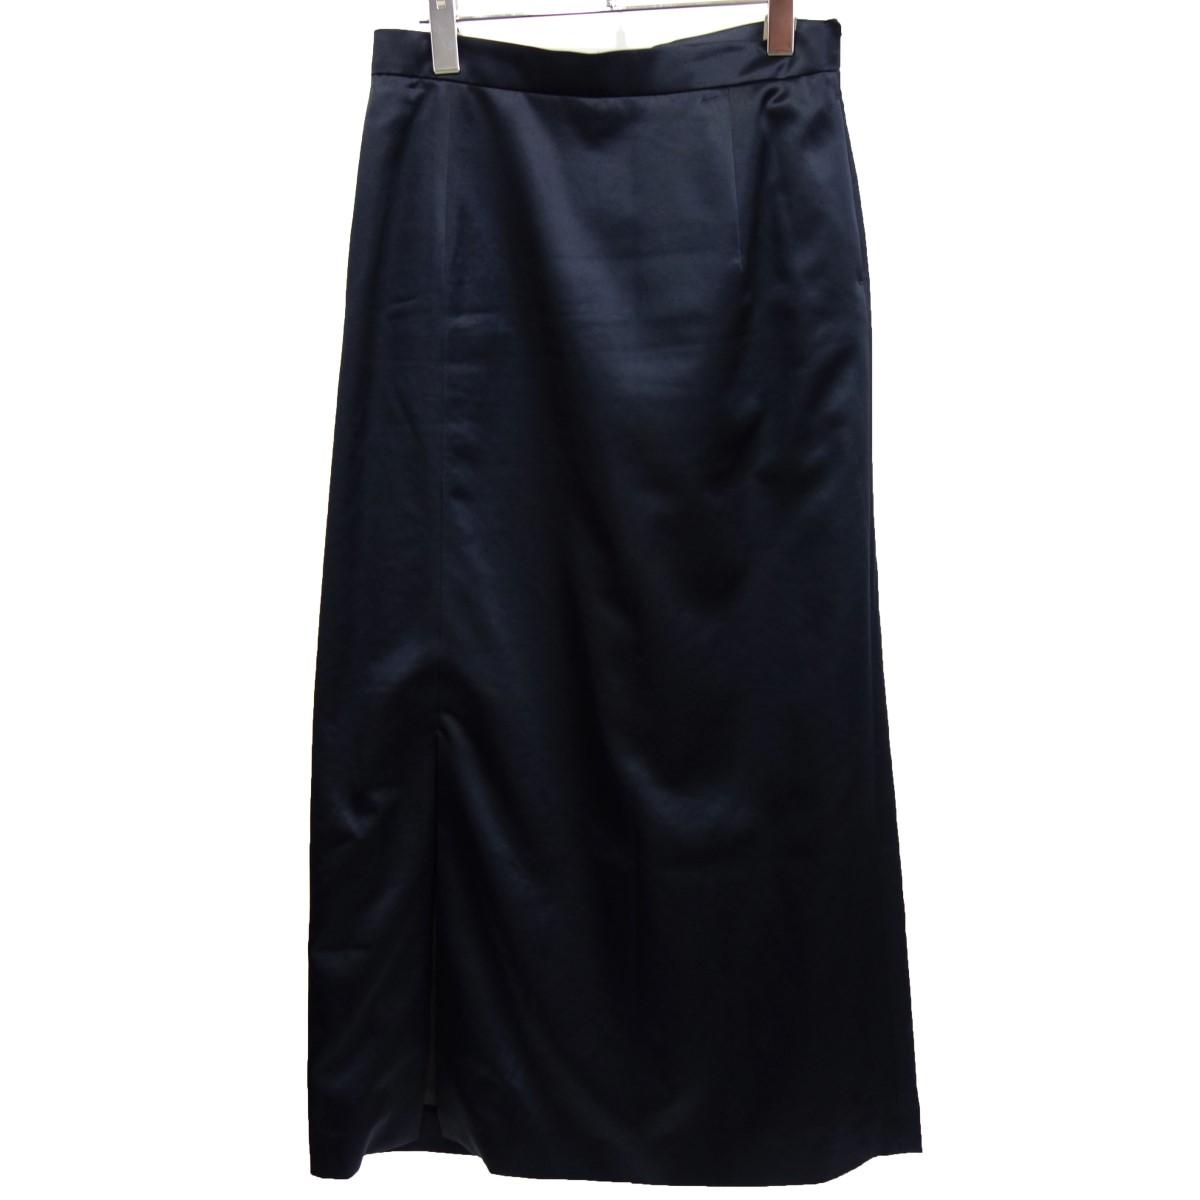 【中古】6(ROKU) BEAUTY&YOUTH 「SATIN SKIRT」 サテンタックスカート ネイビー サイズ:38 【220220】(ロク ビューティーアンドユース)